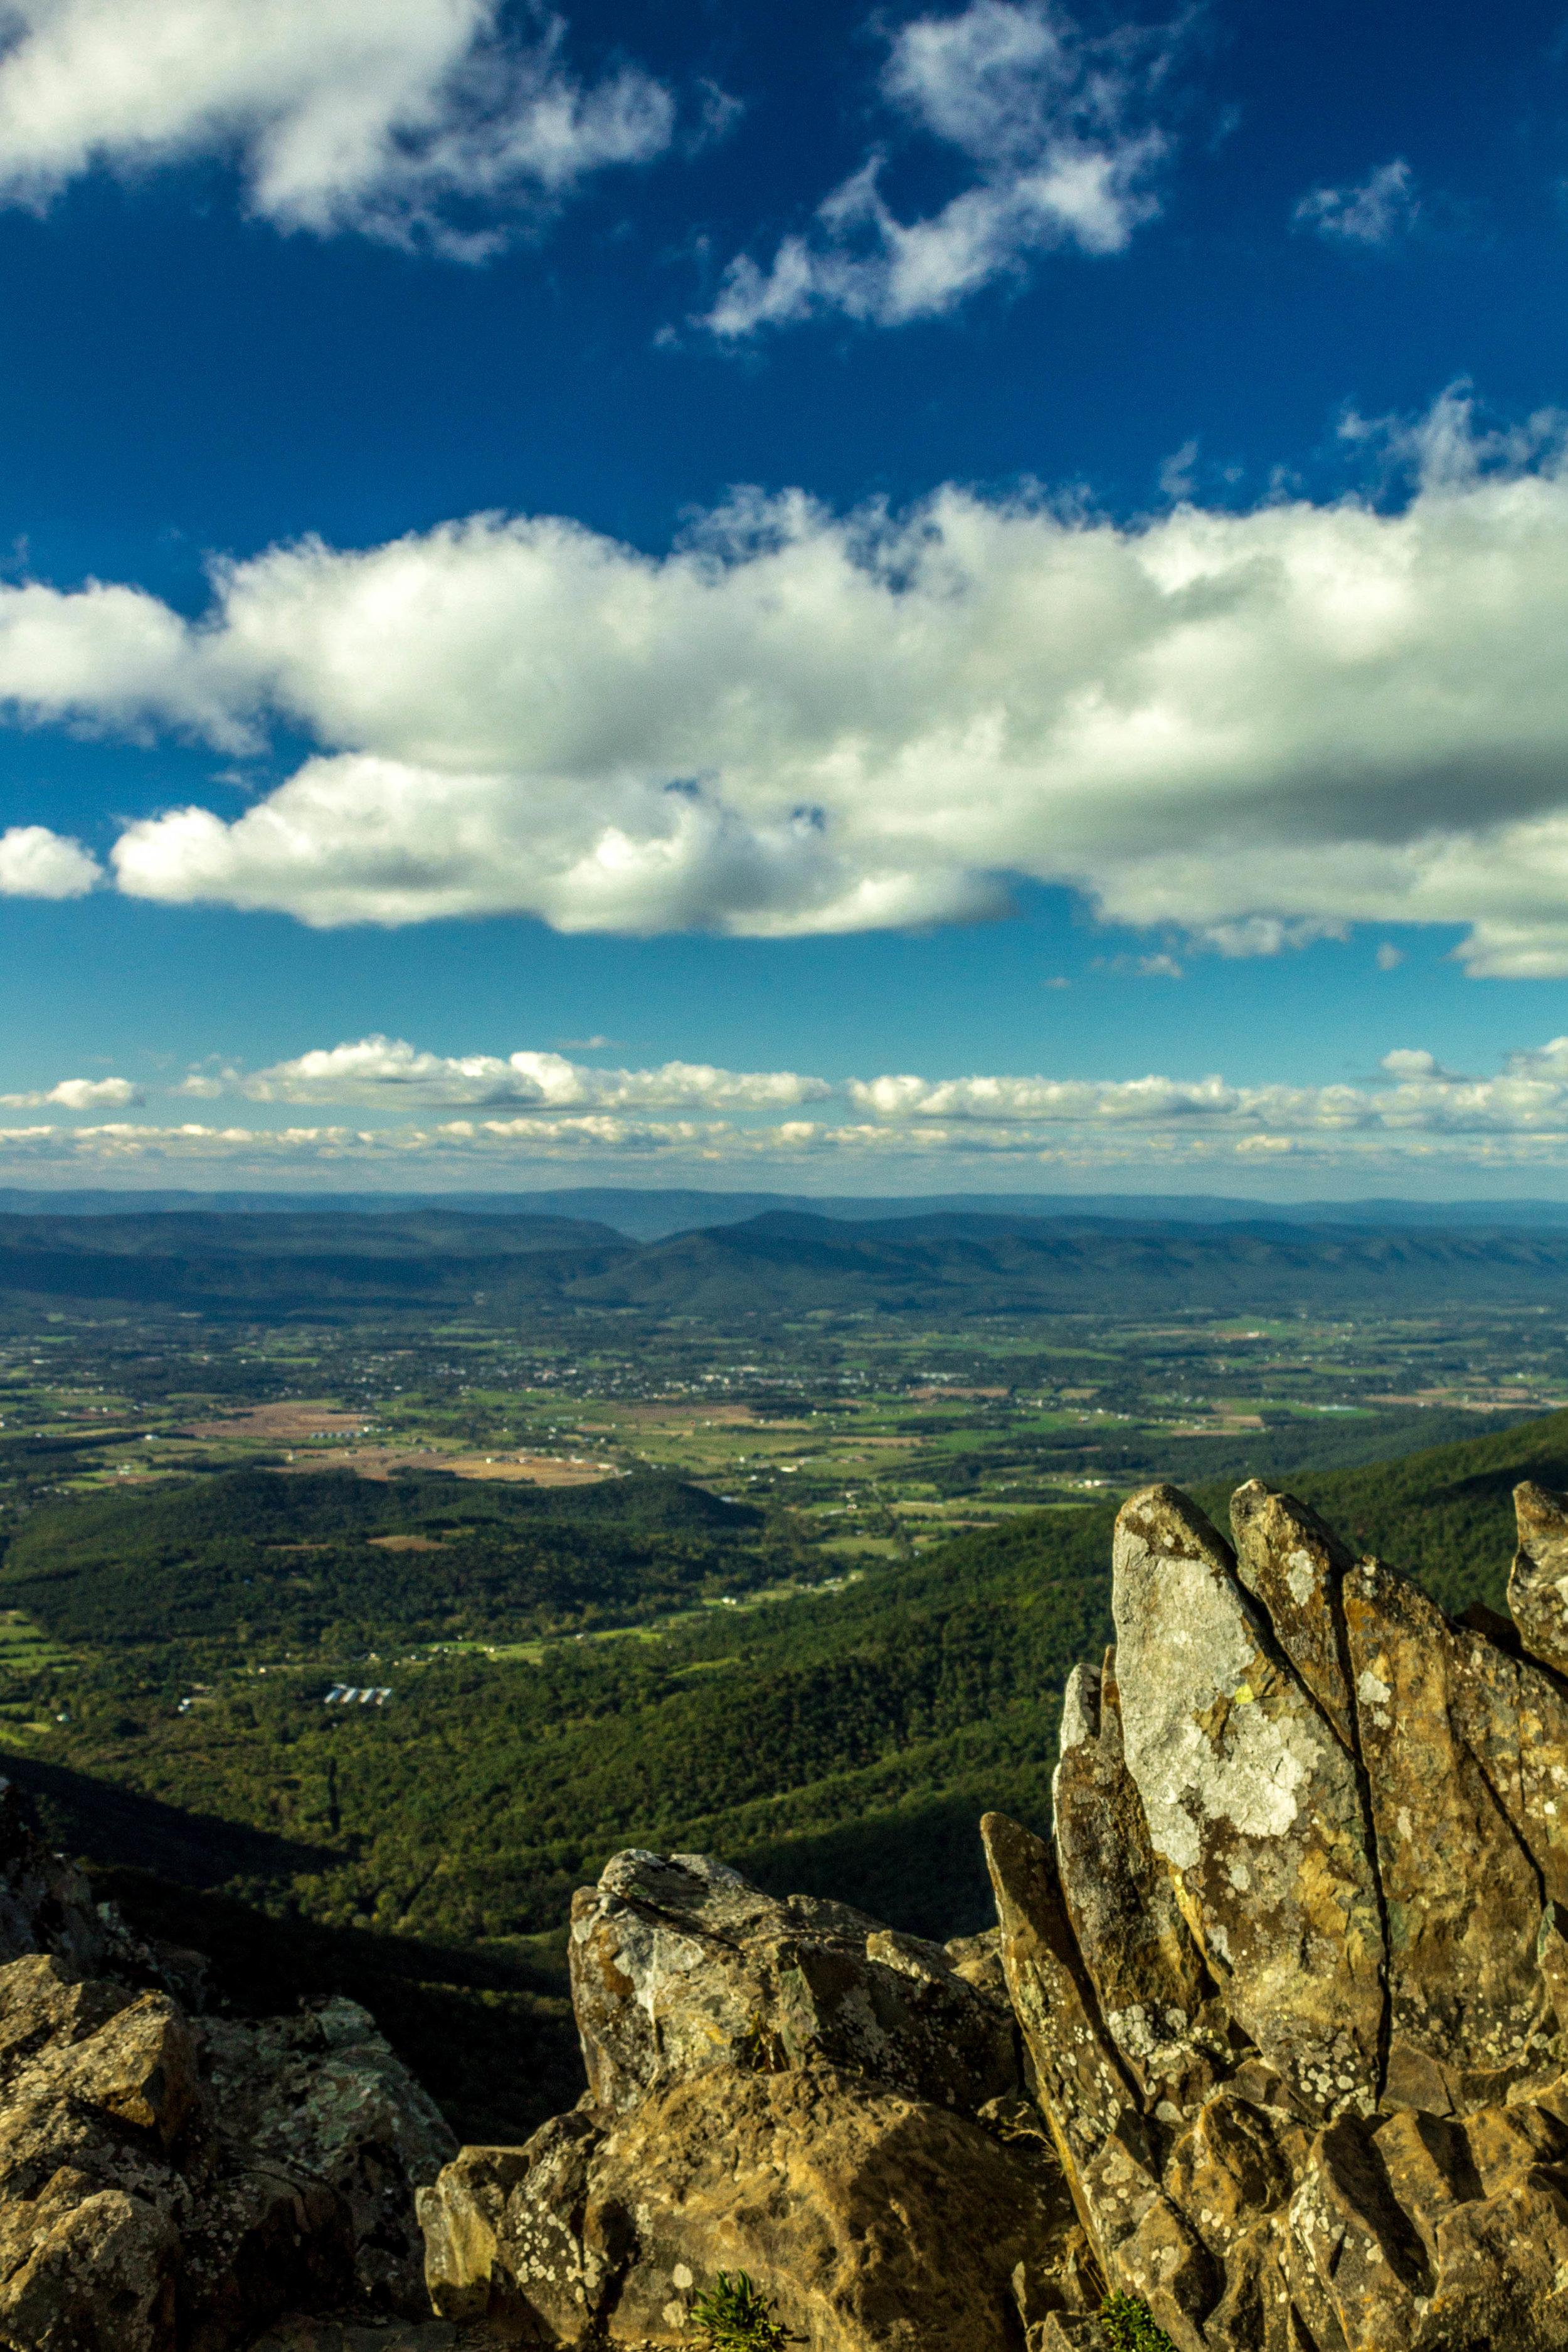 Shenandoah National Park Virigina